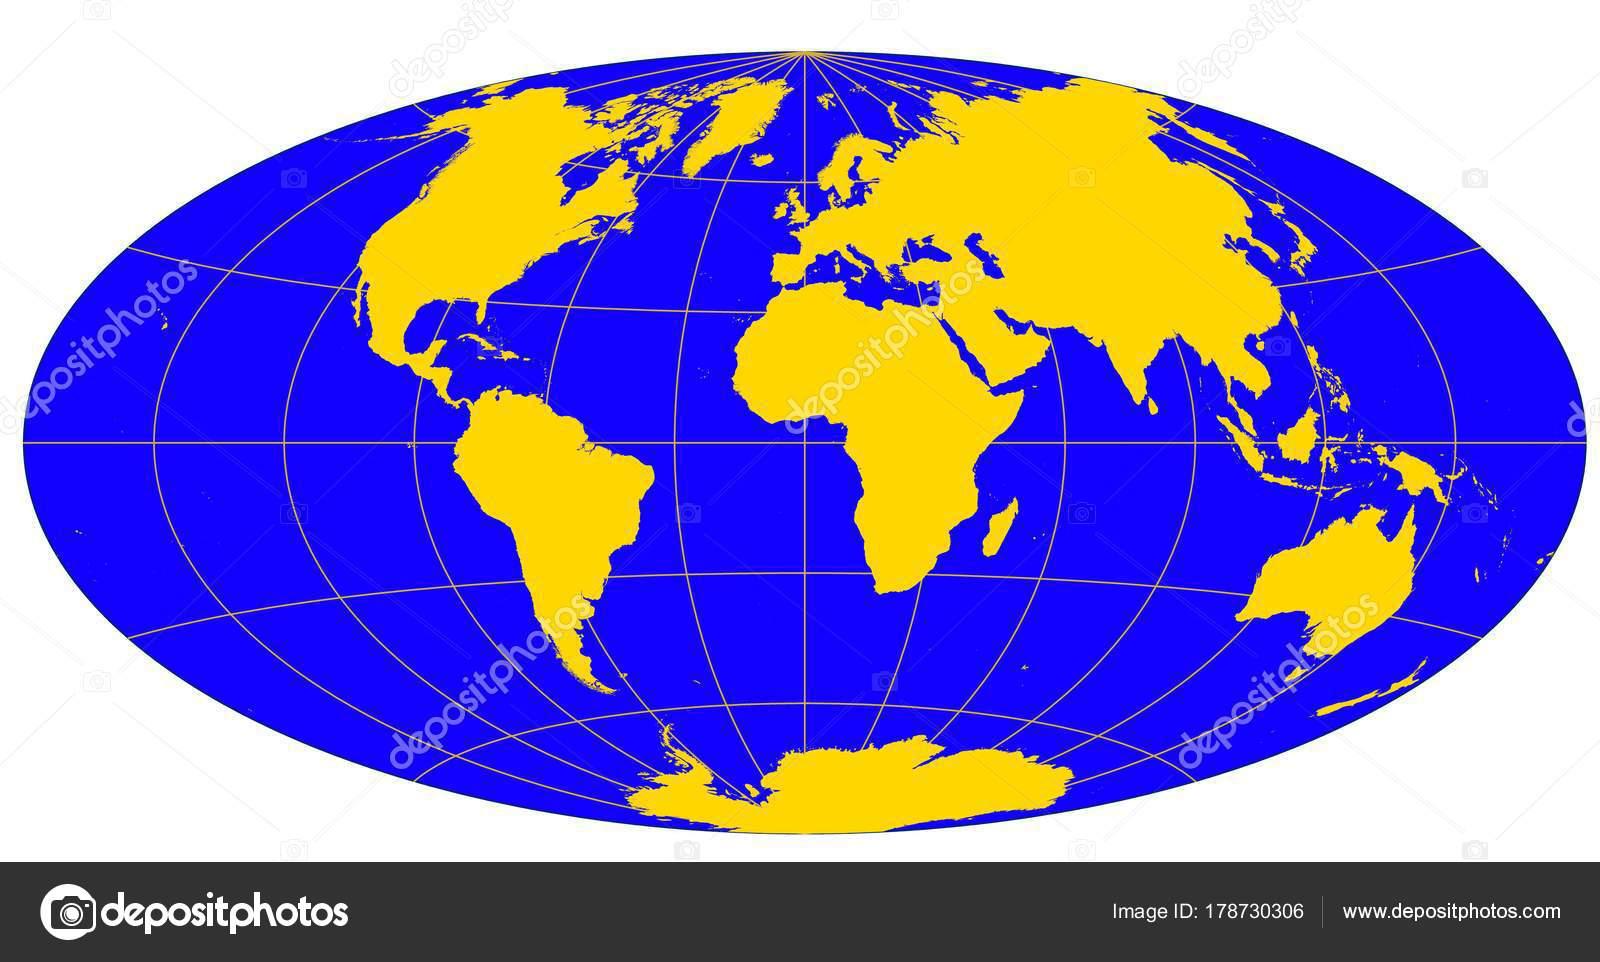 Cartina Del Mondo Con Meridiani E Paralleli.Mondo Dorato Diverse Proiezioni Cartografiche Gradi Griglia